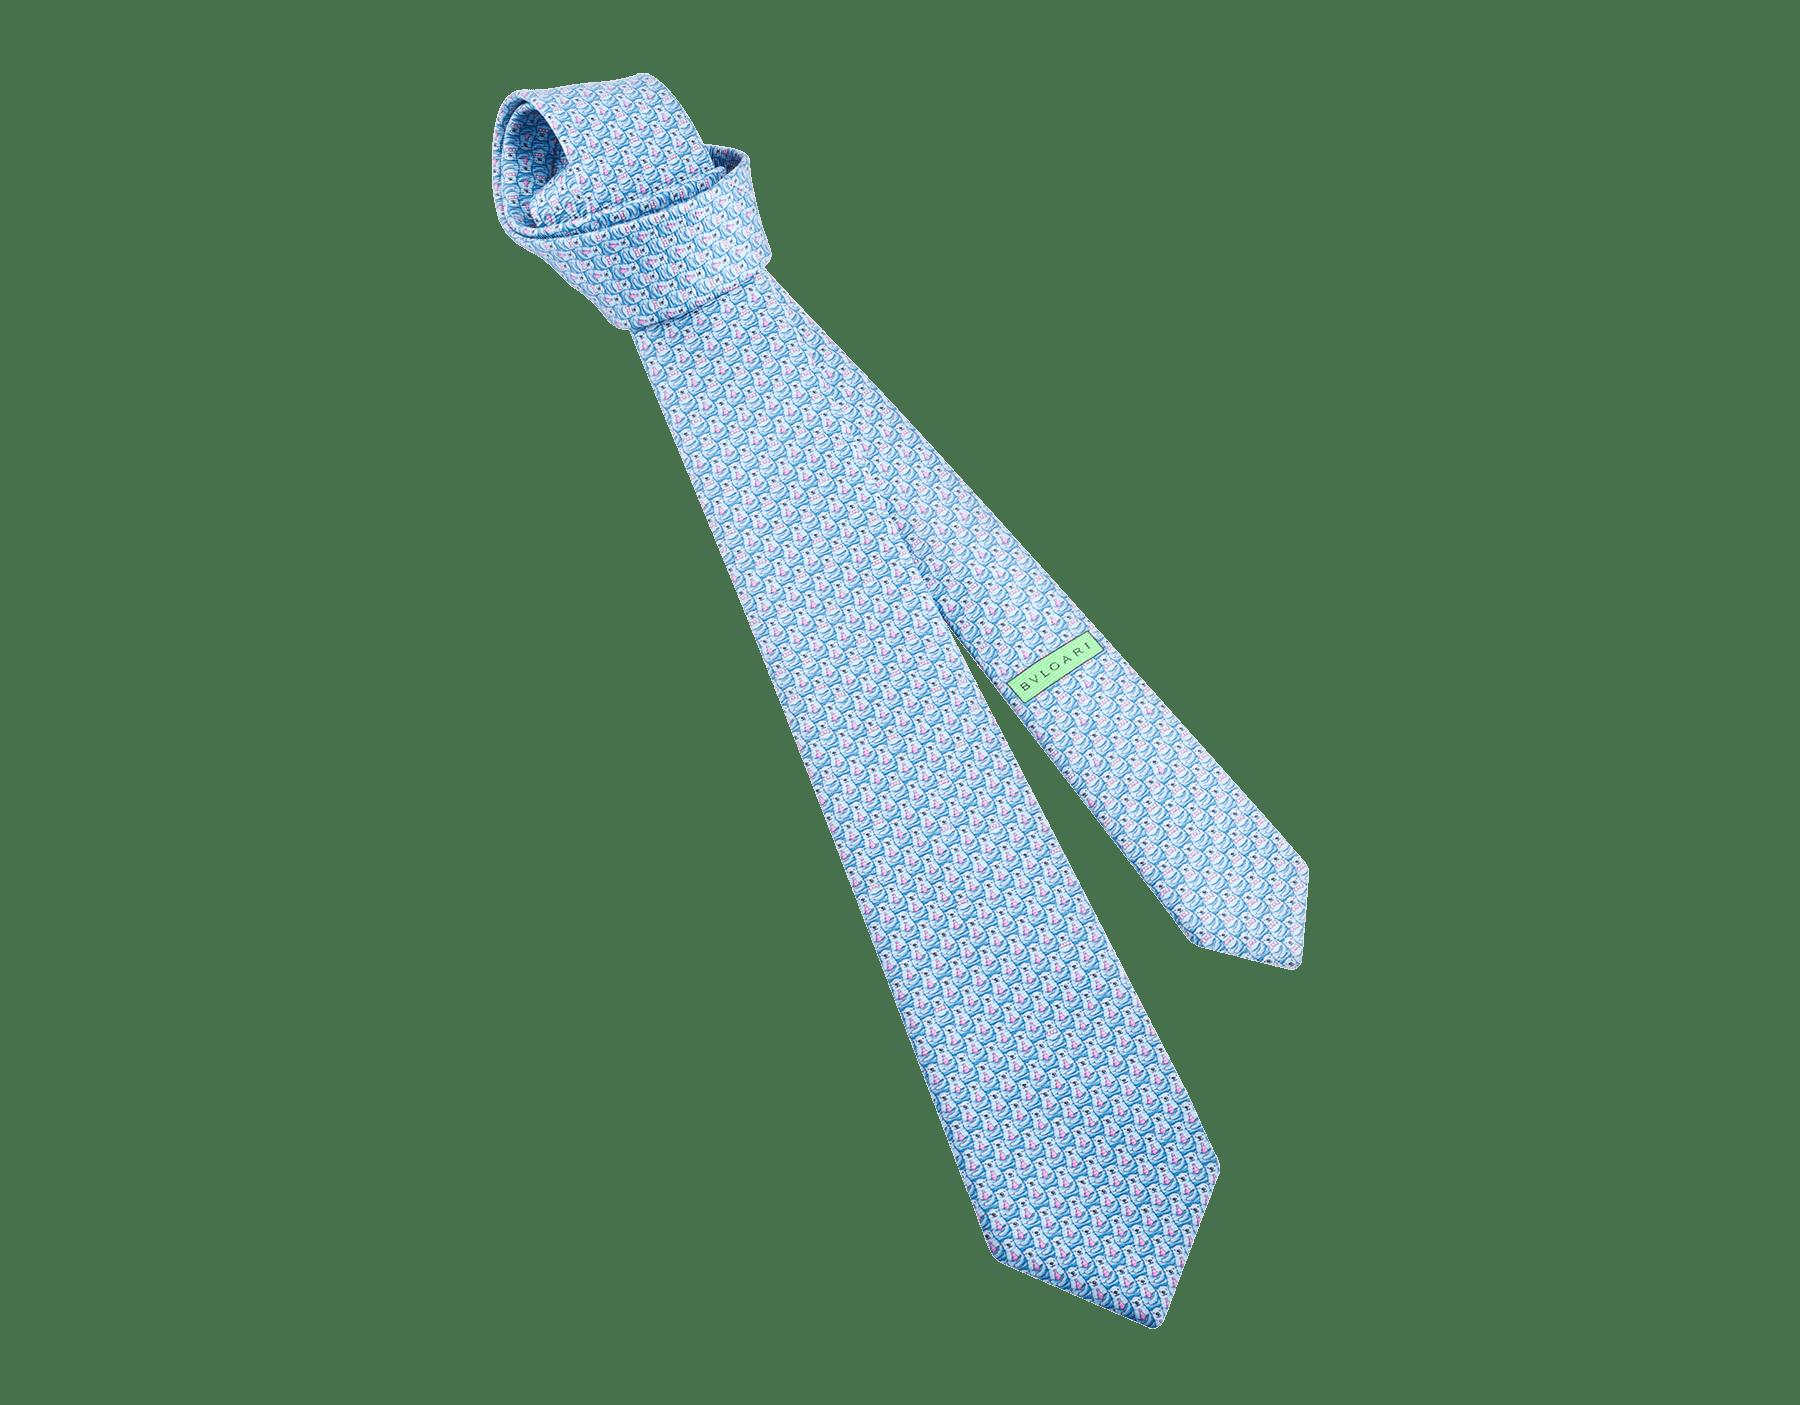 Gravata de sete dobras azul-claro com padrão Bear Daddy em fina sarja de seda estampada. 243623 image 1